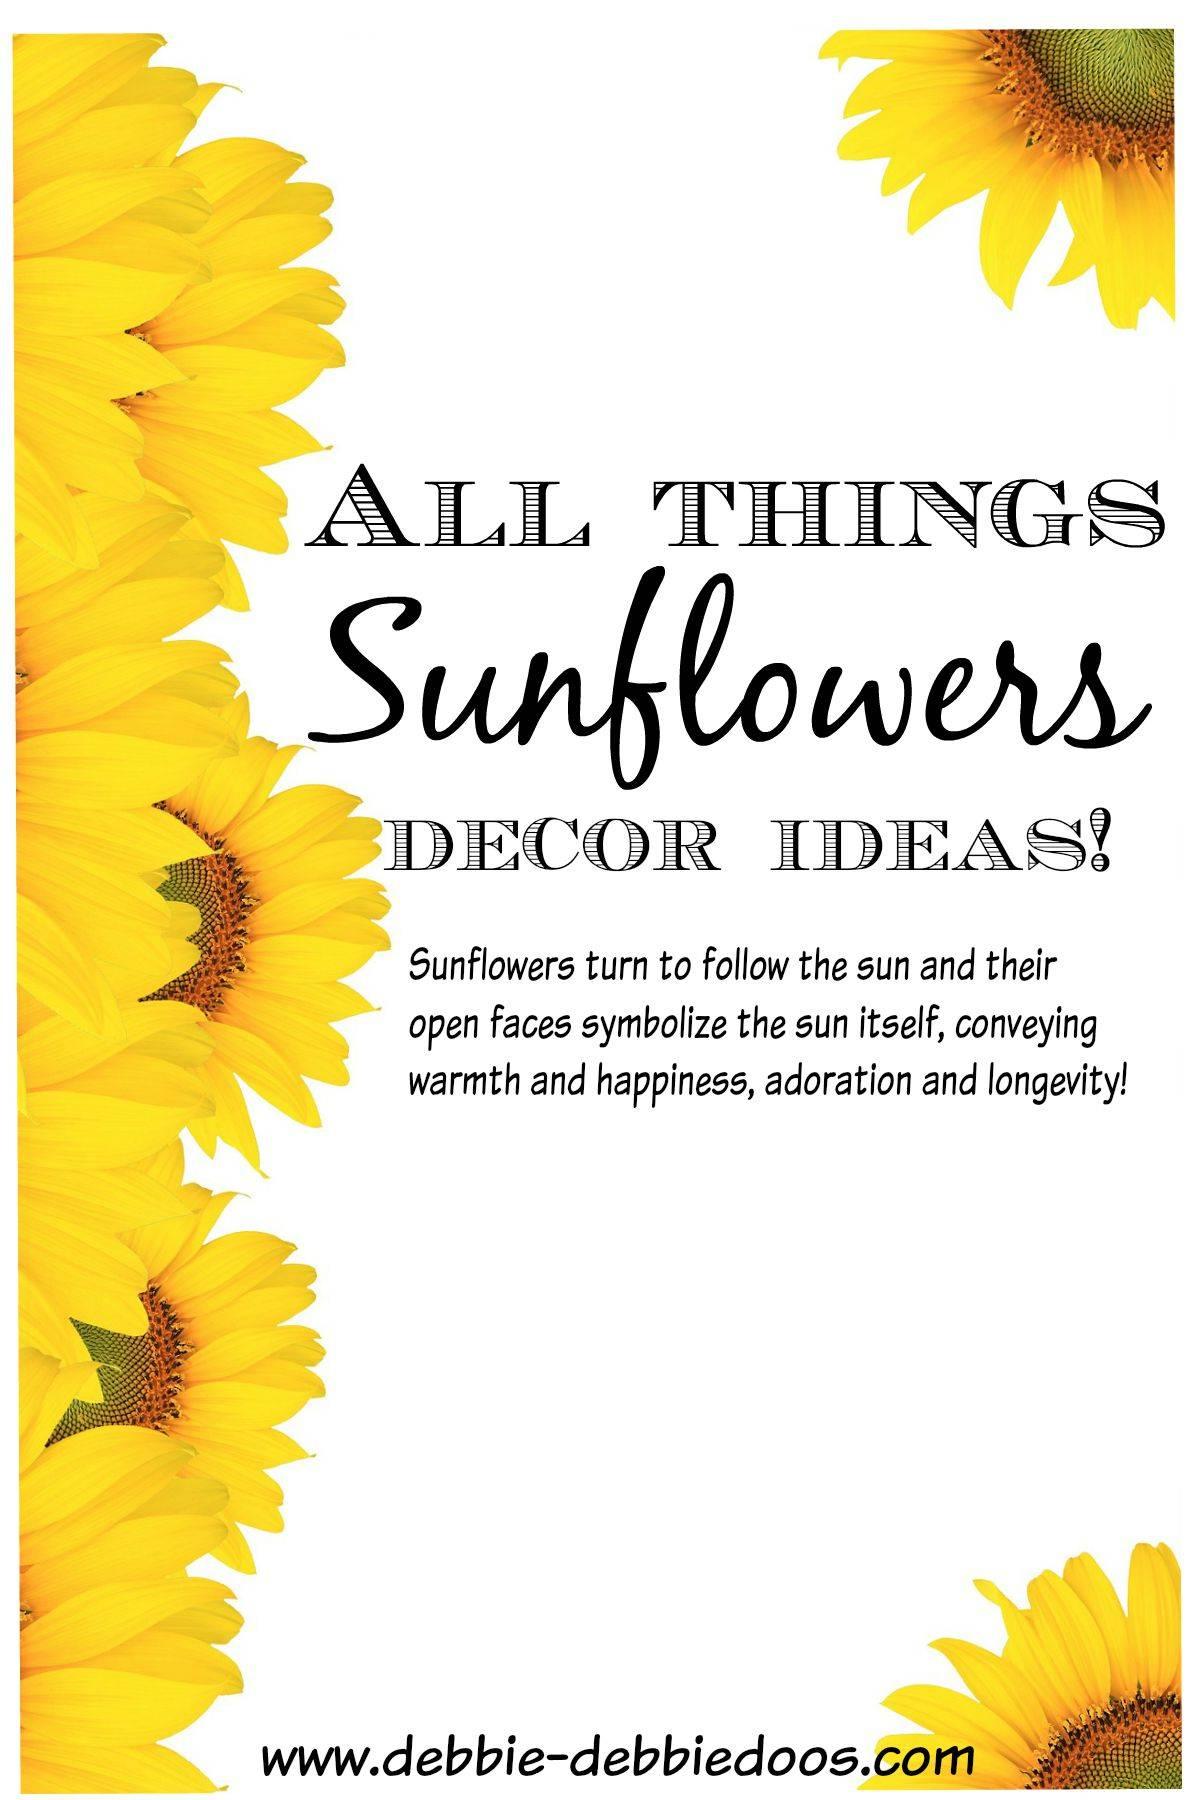 All things Sunflowers - Debbiedoos